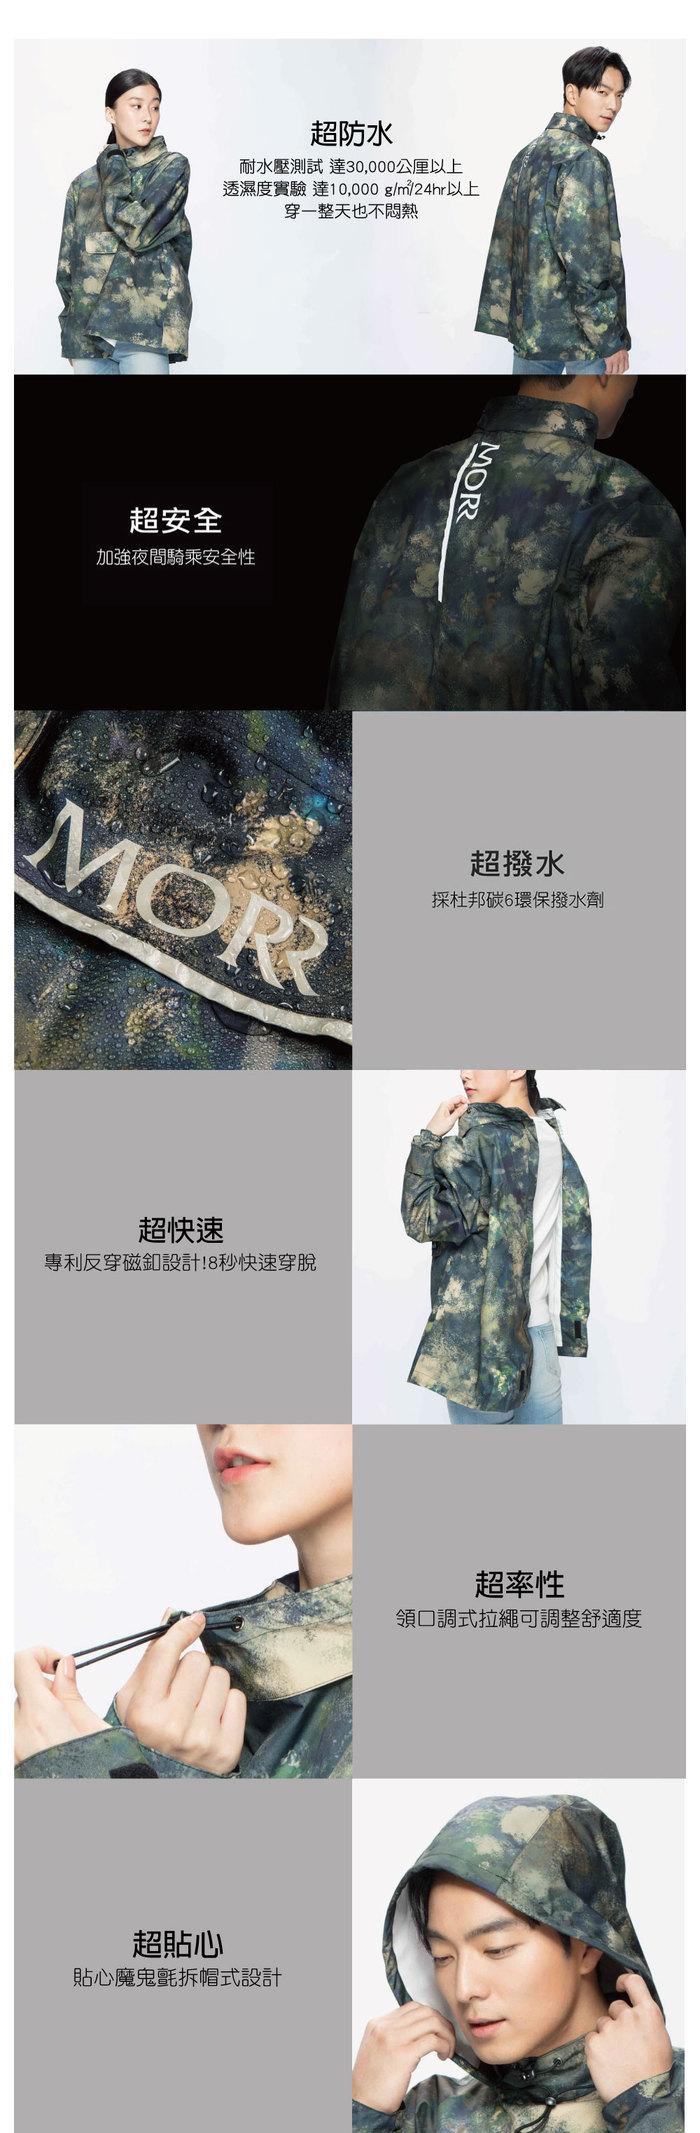 (複製)MORR Postshorti 磁吸式反穿防水外套2.0 - 無口袋設計(晶亮黑)